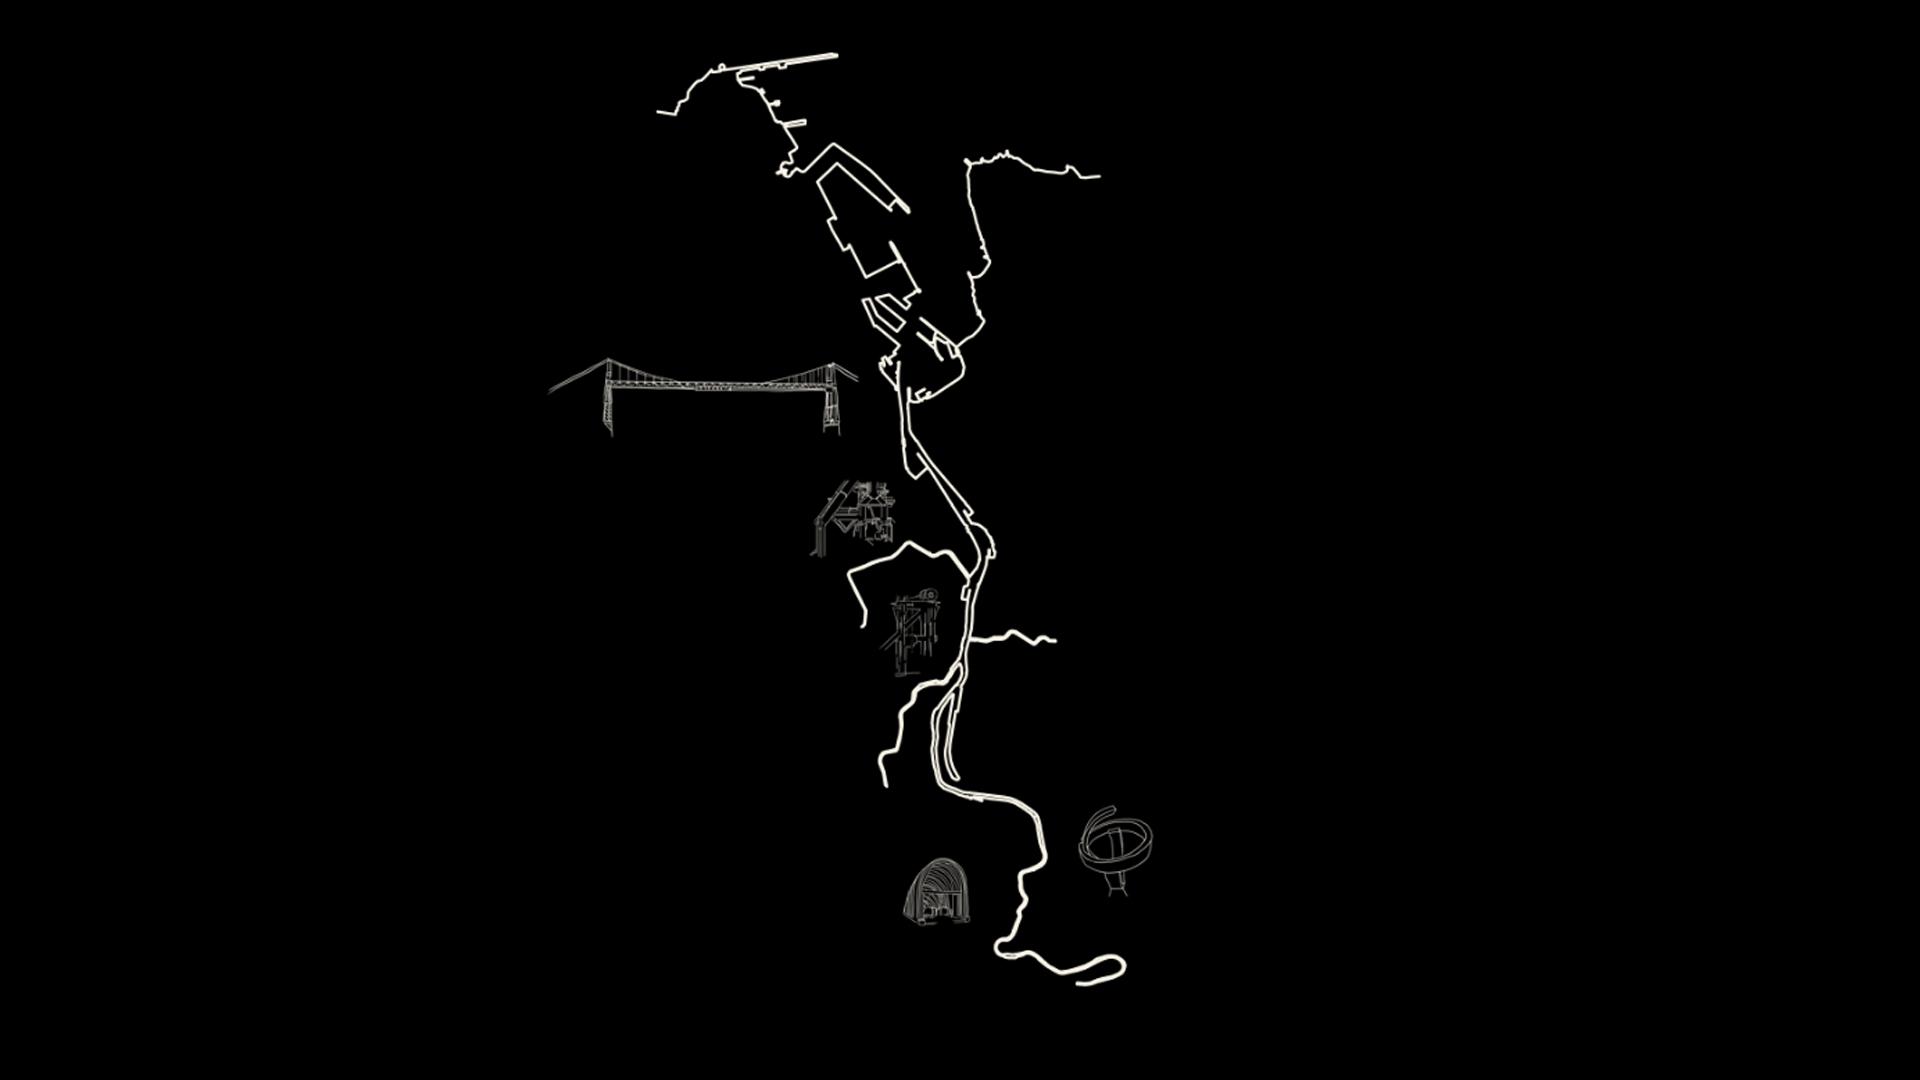 Bilboko itsasadarreko planktona